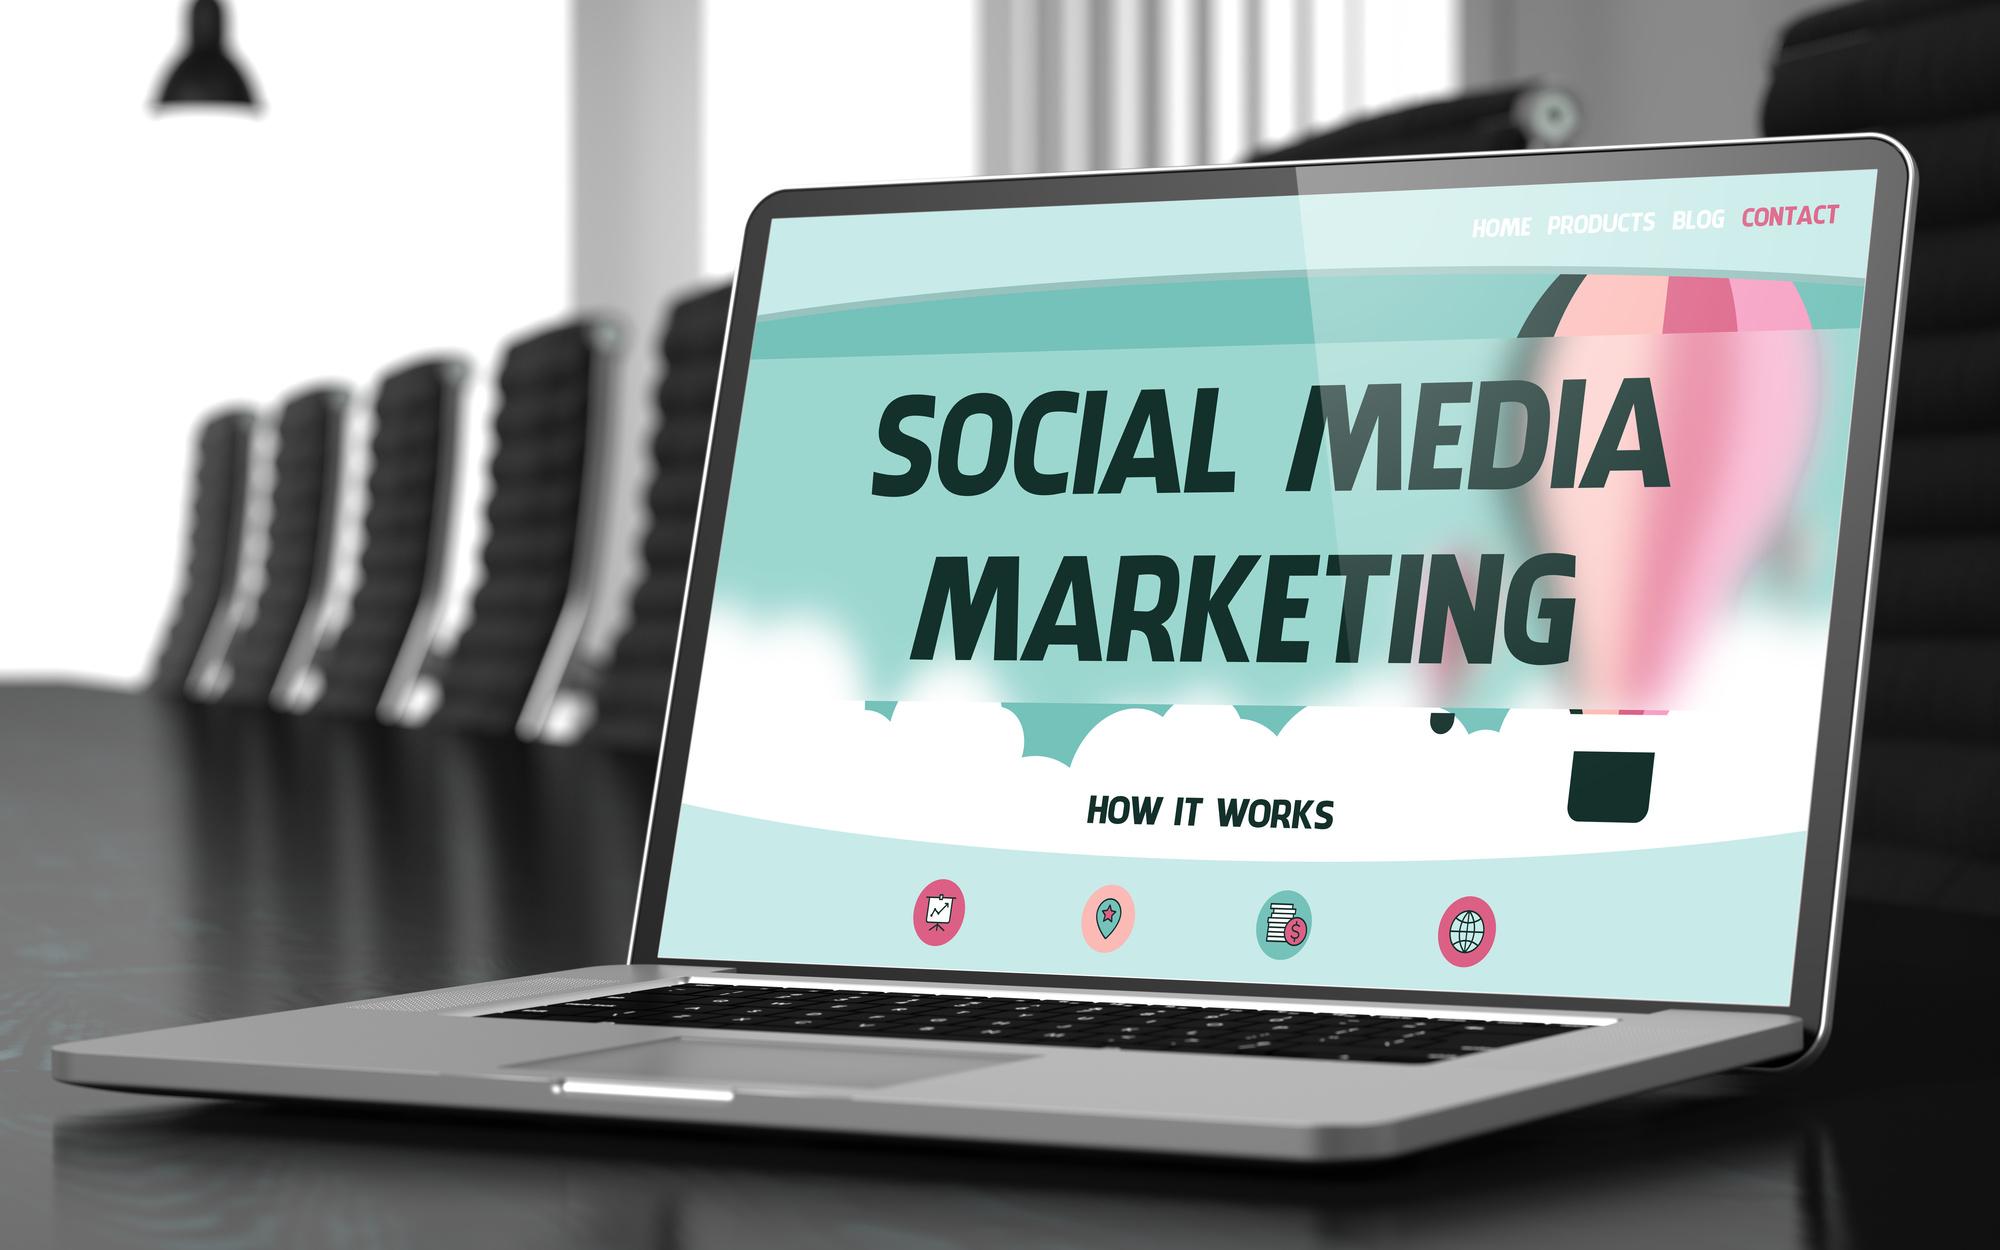 social media marketing on laptop